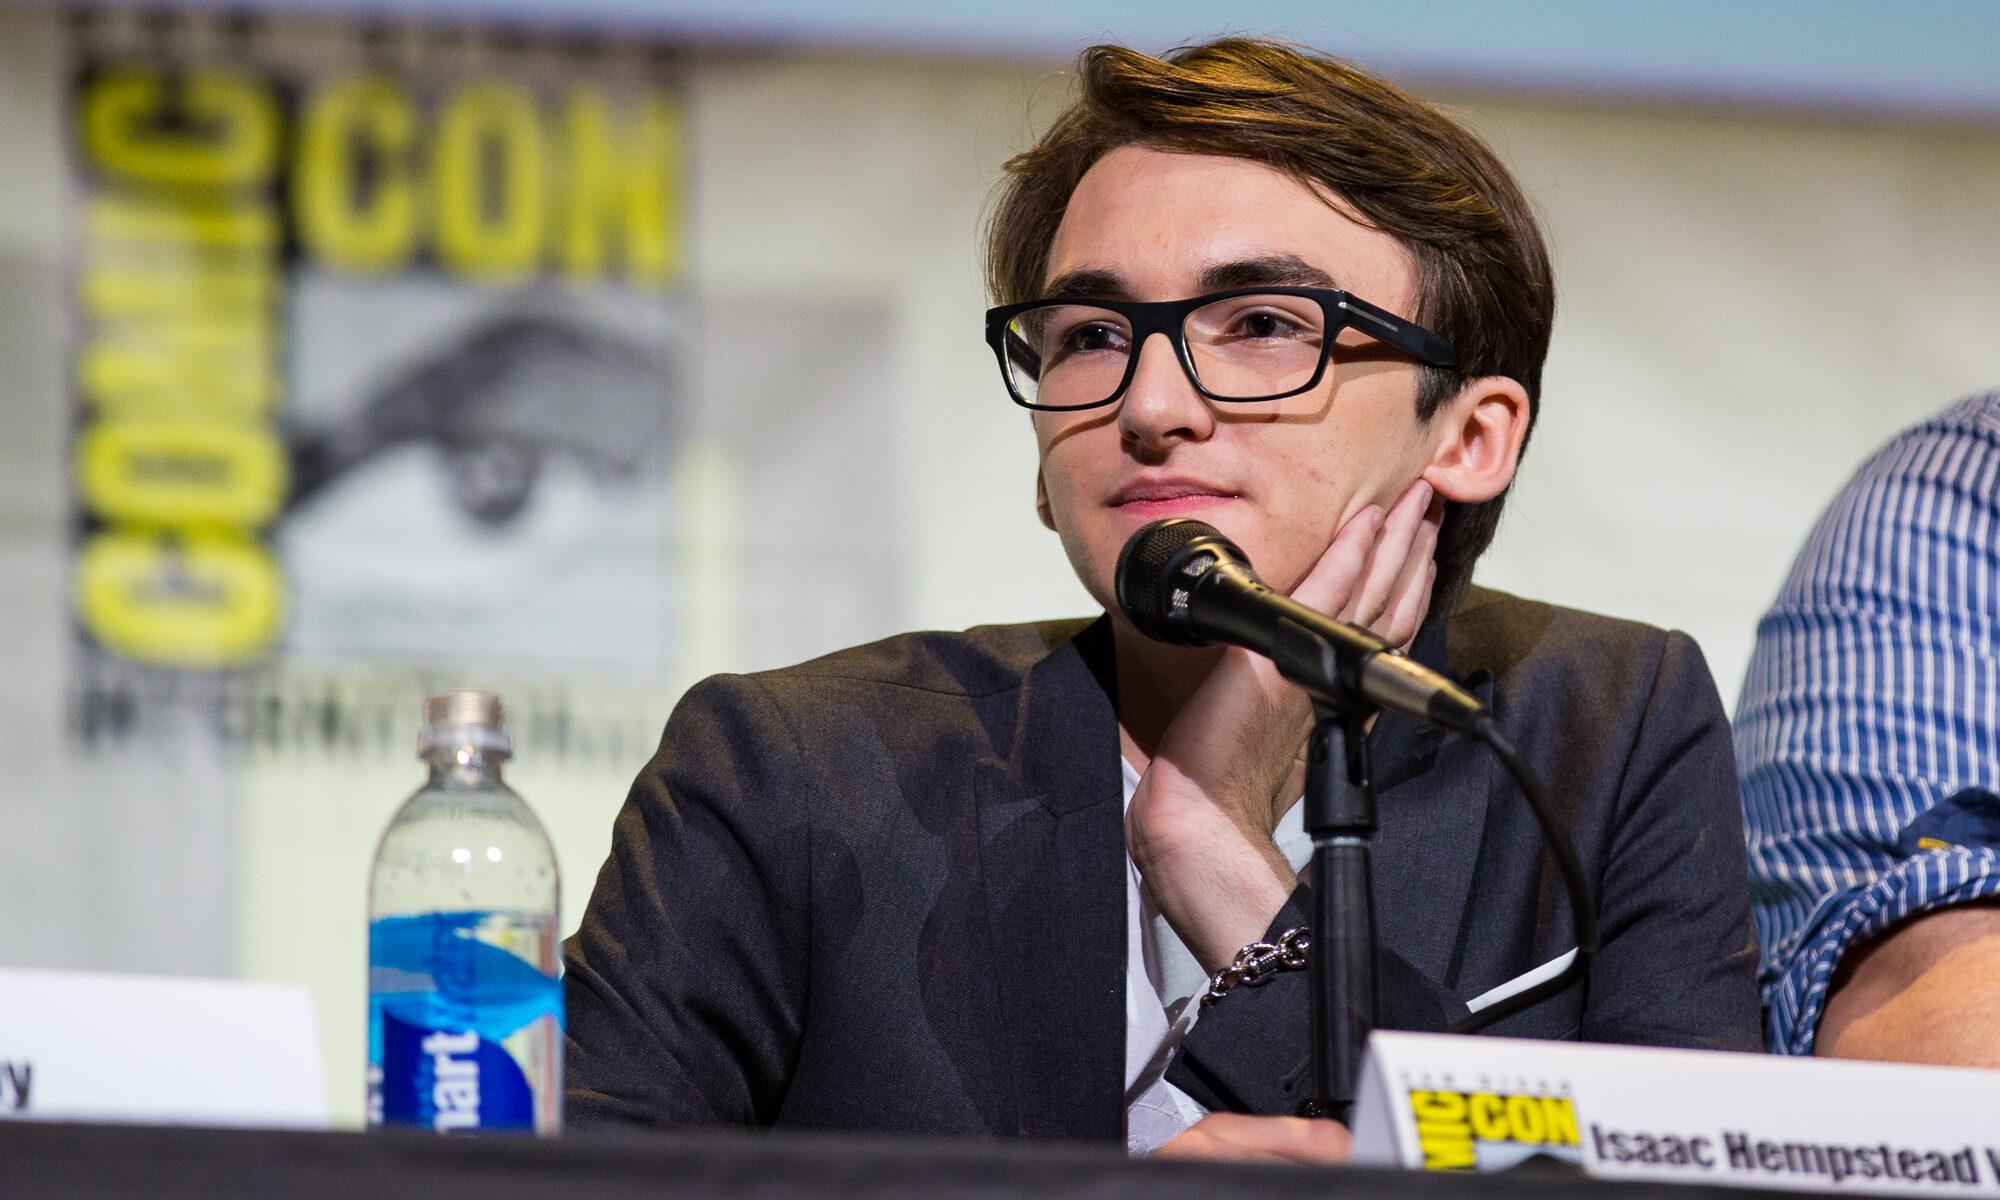 Isaac Hempstead también estará en la Comic Con Valencia